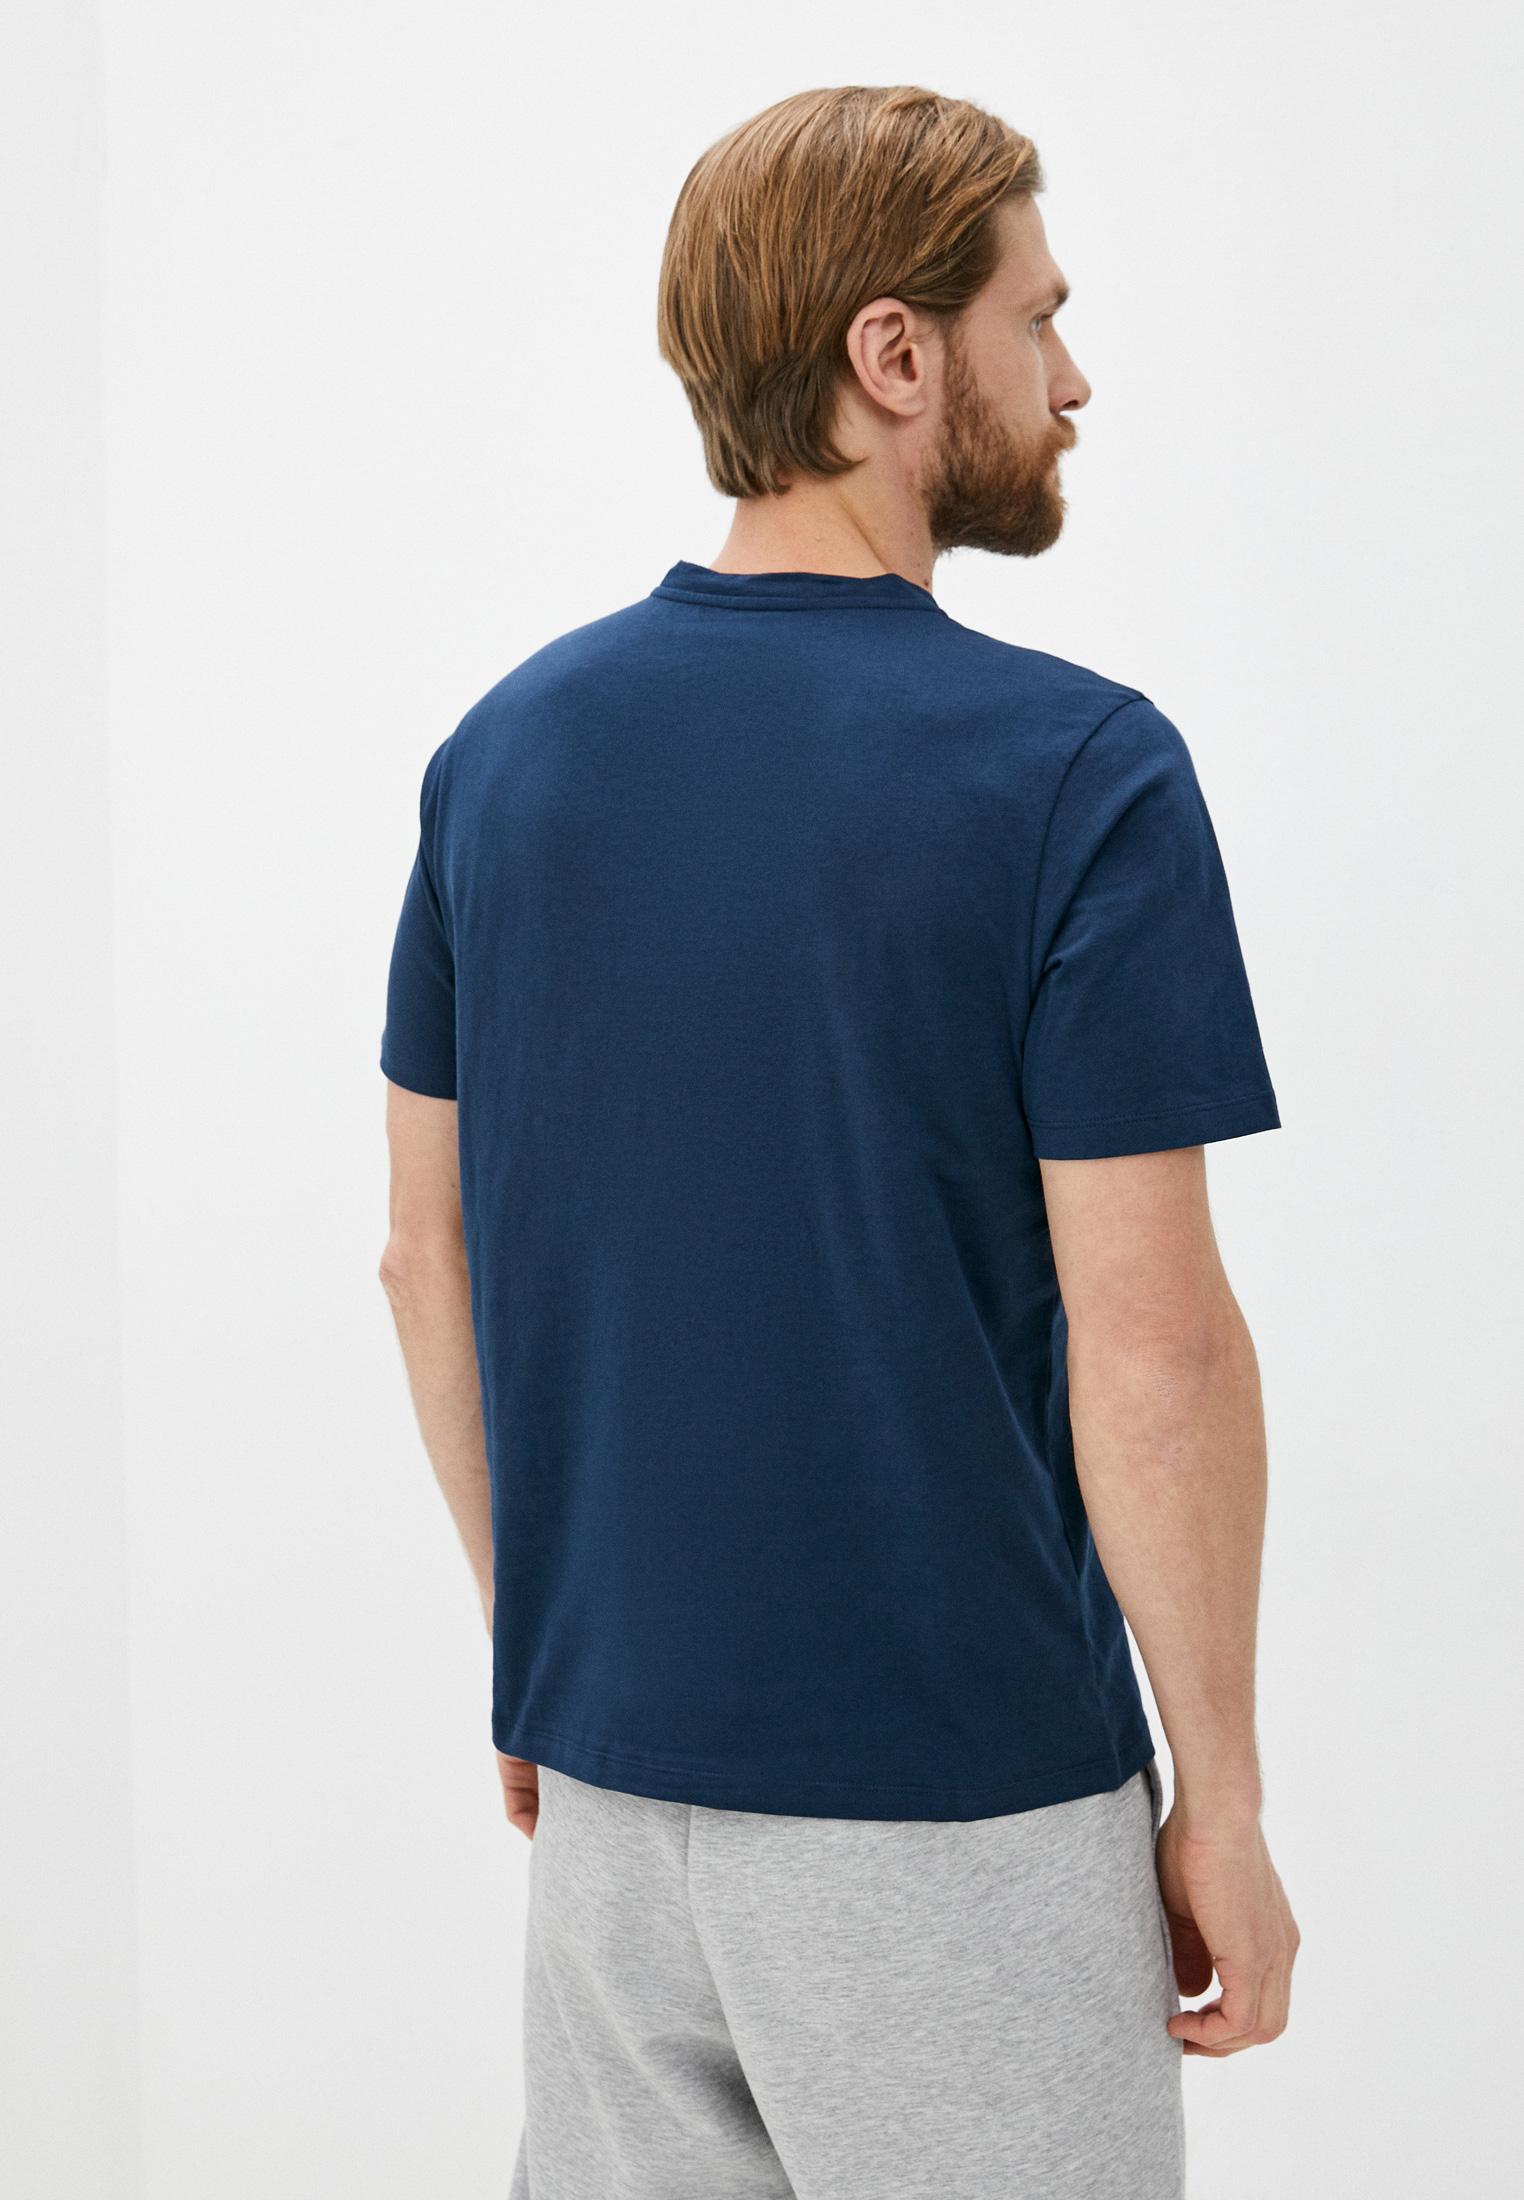 Мужская футболка Baldinini (Балдинини) TS14: изображение 4